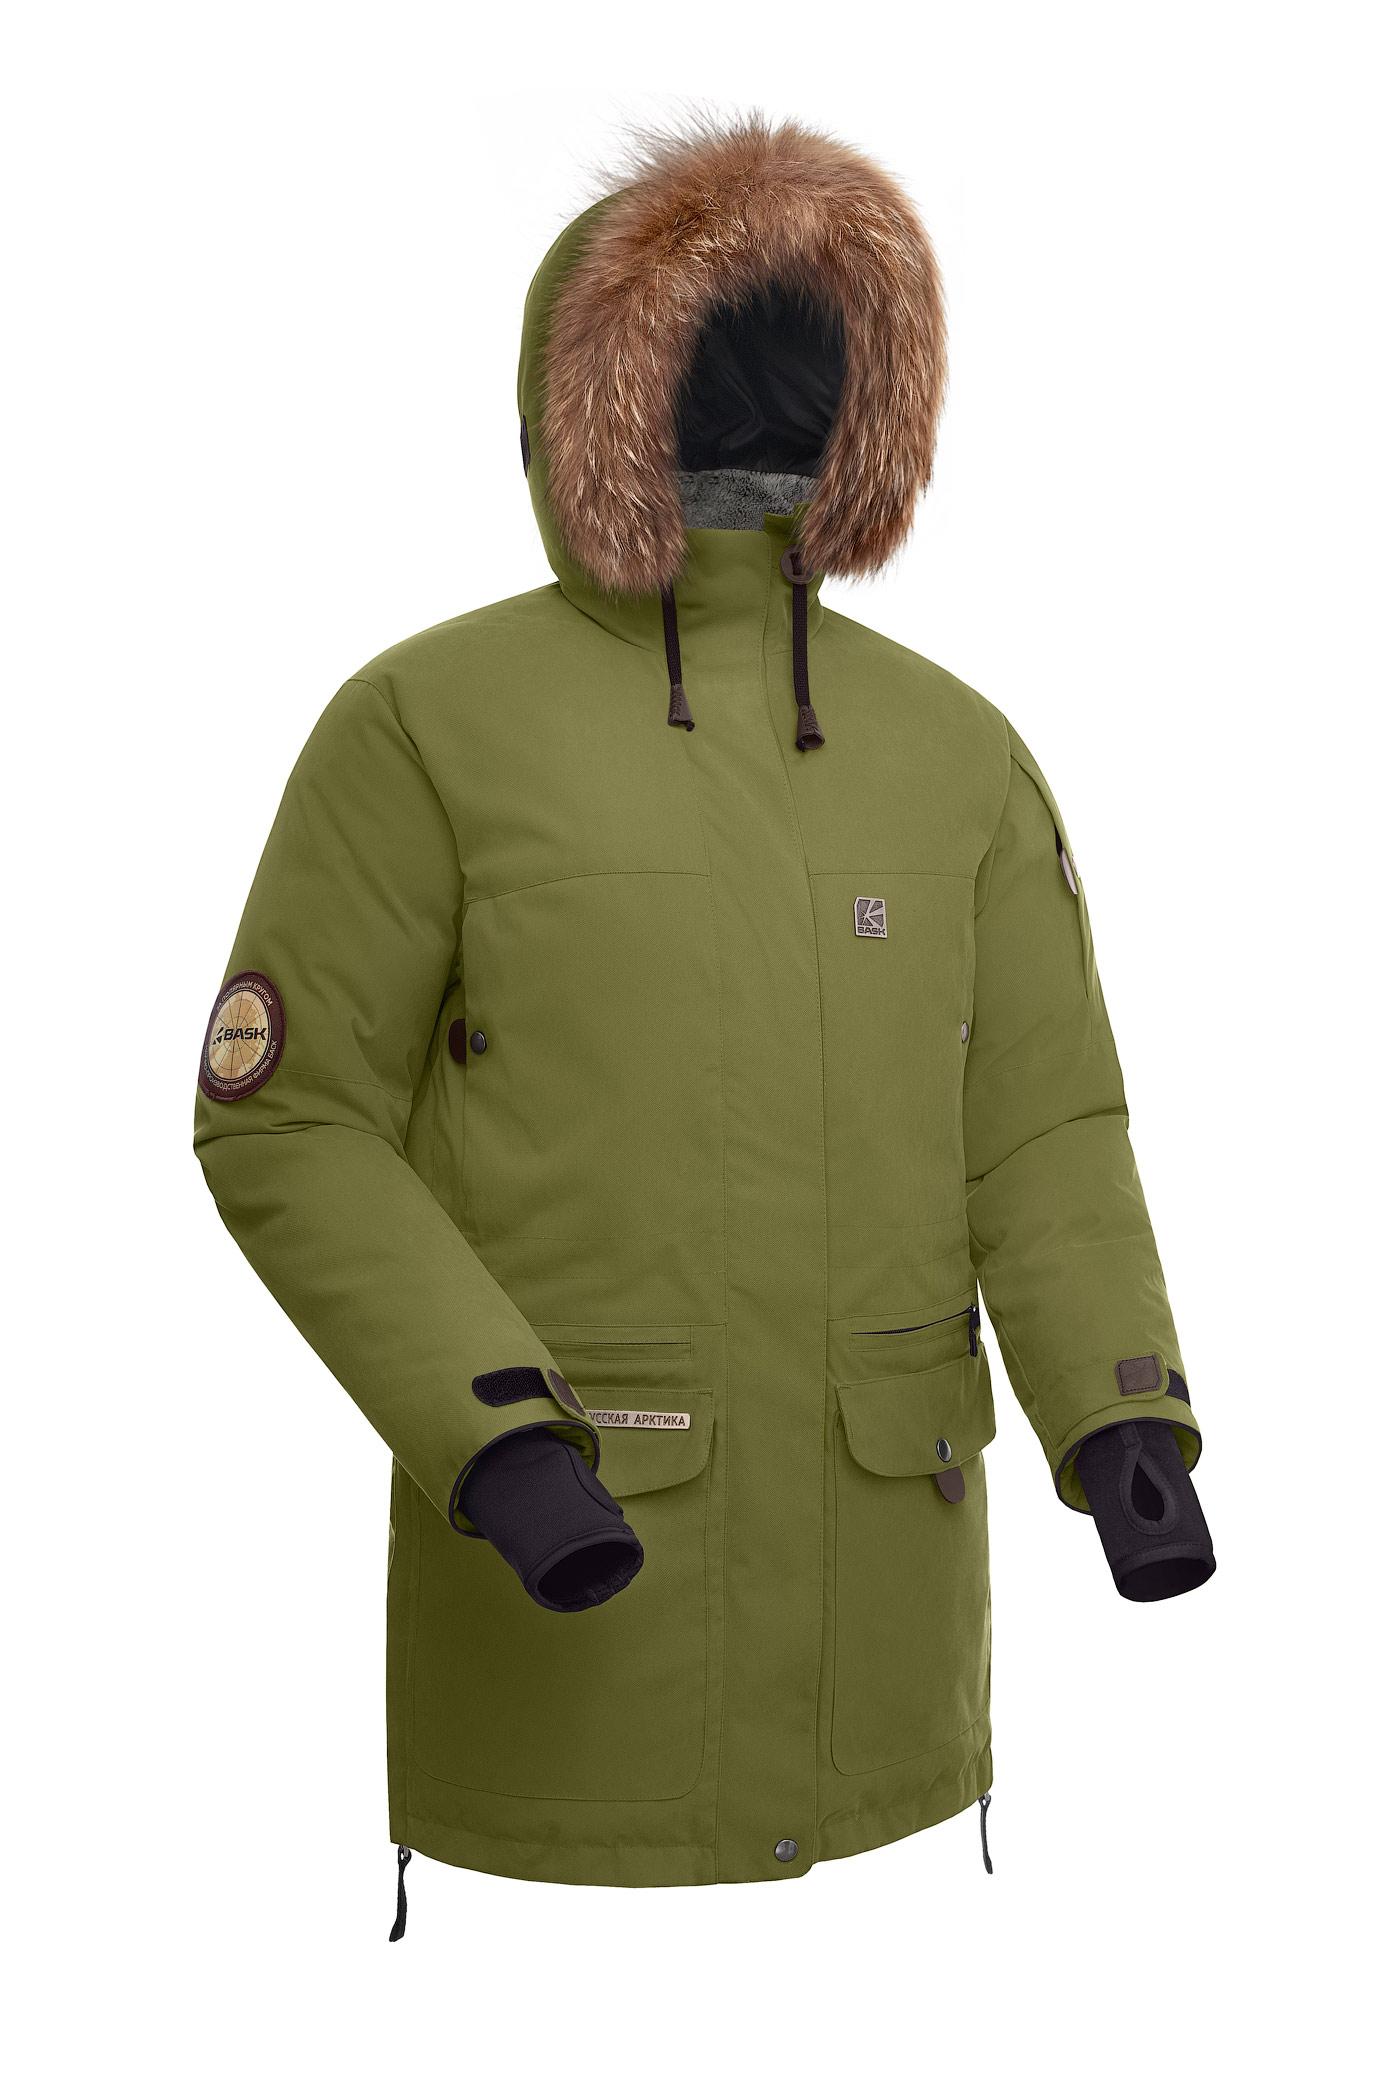 Купить Куртка женская BASK ONEGA хаки светлый, Компания БАСК